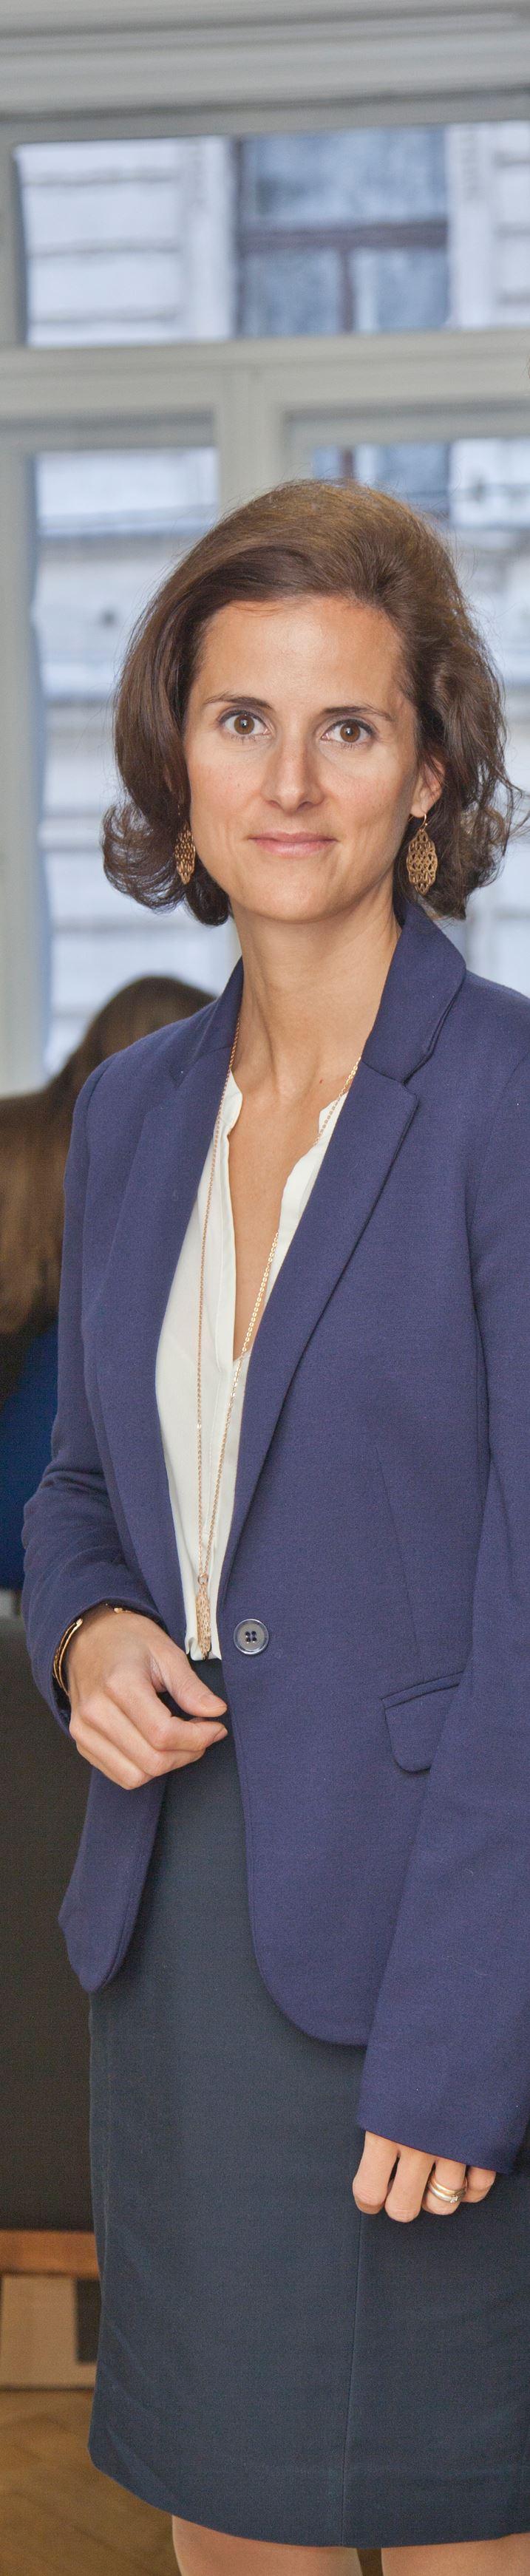 Rechtsanwalt Dr. Sophie Kremslehner-Czerny